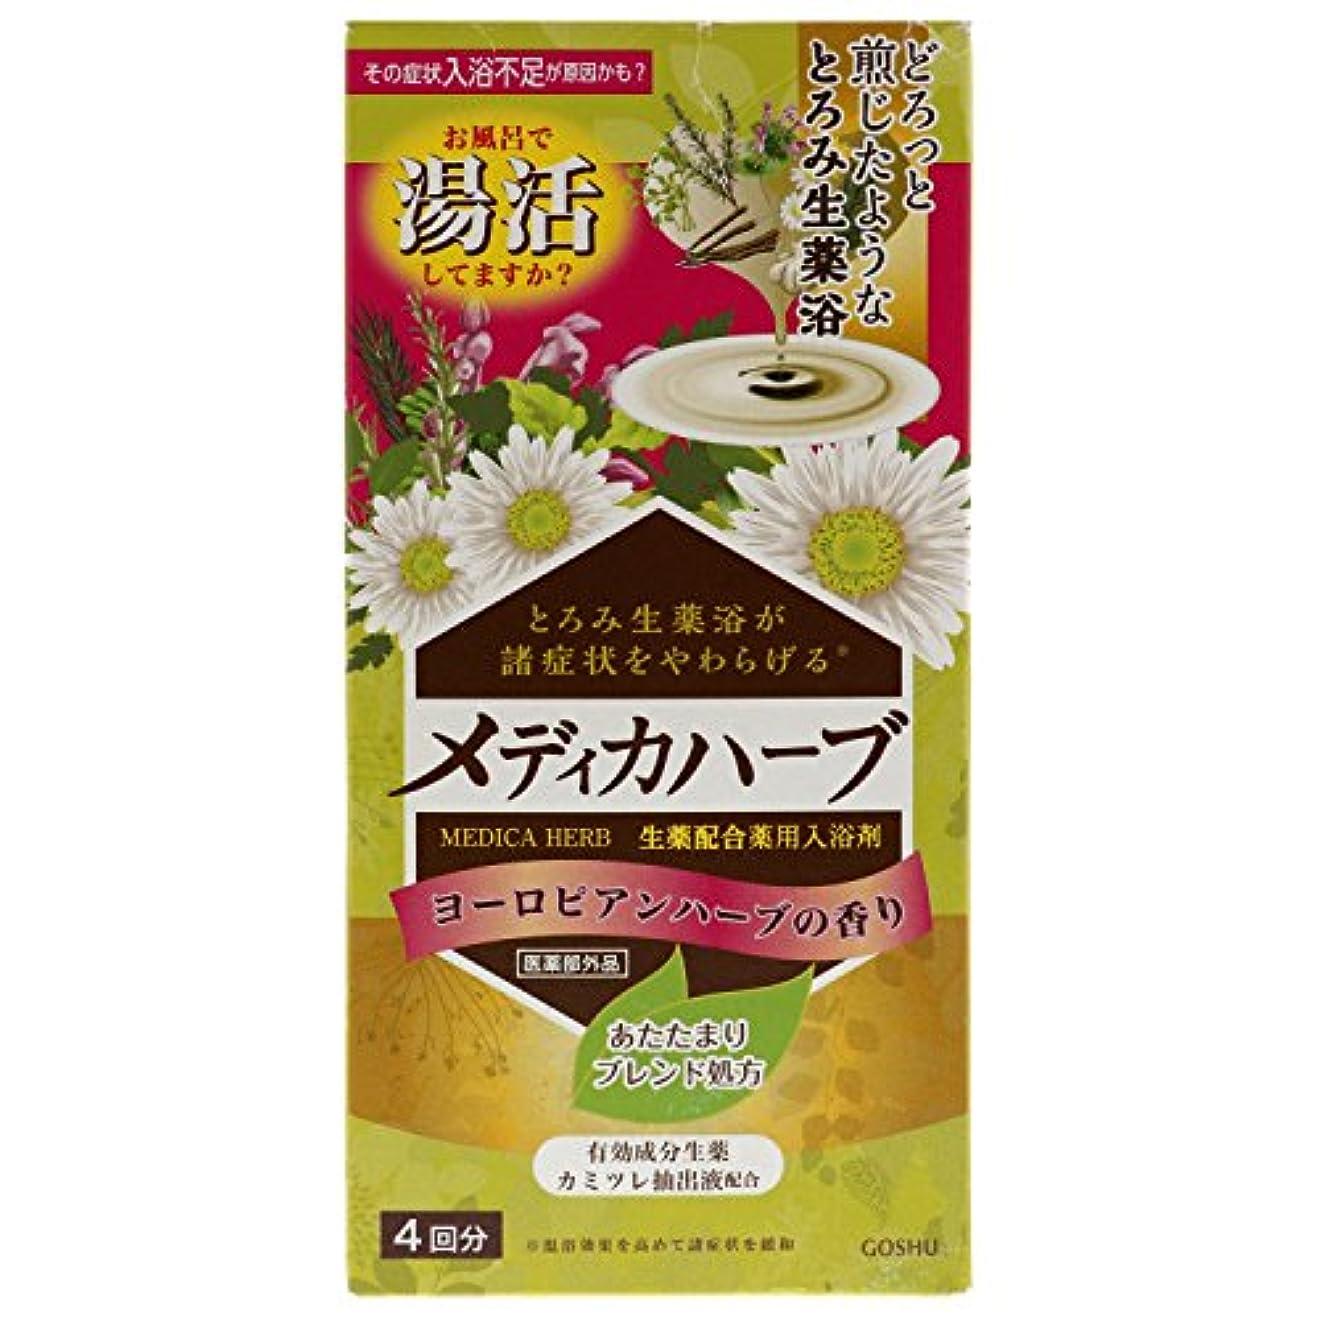 柔らかい引き金マイクロメディカハーブ ヨーロピアンハーブの香り 4包(4回分) [医薬部外品]